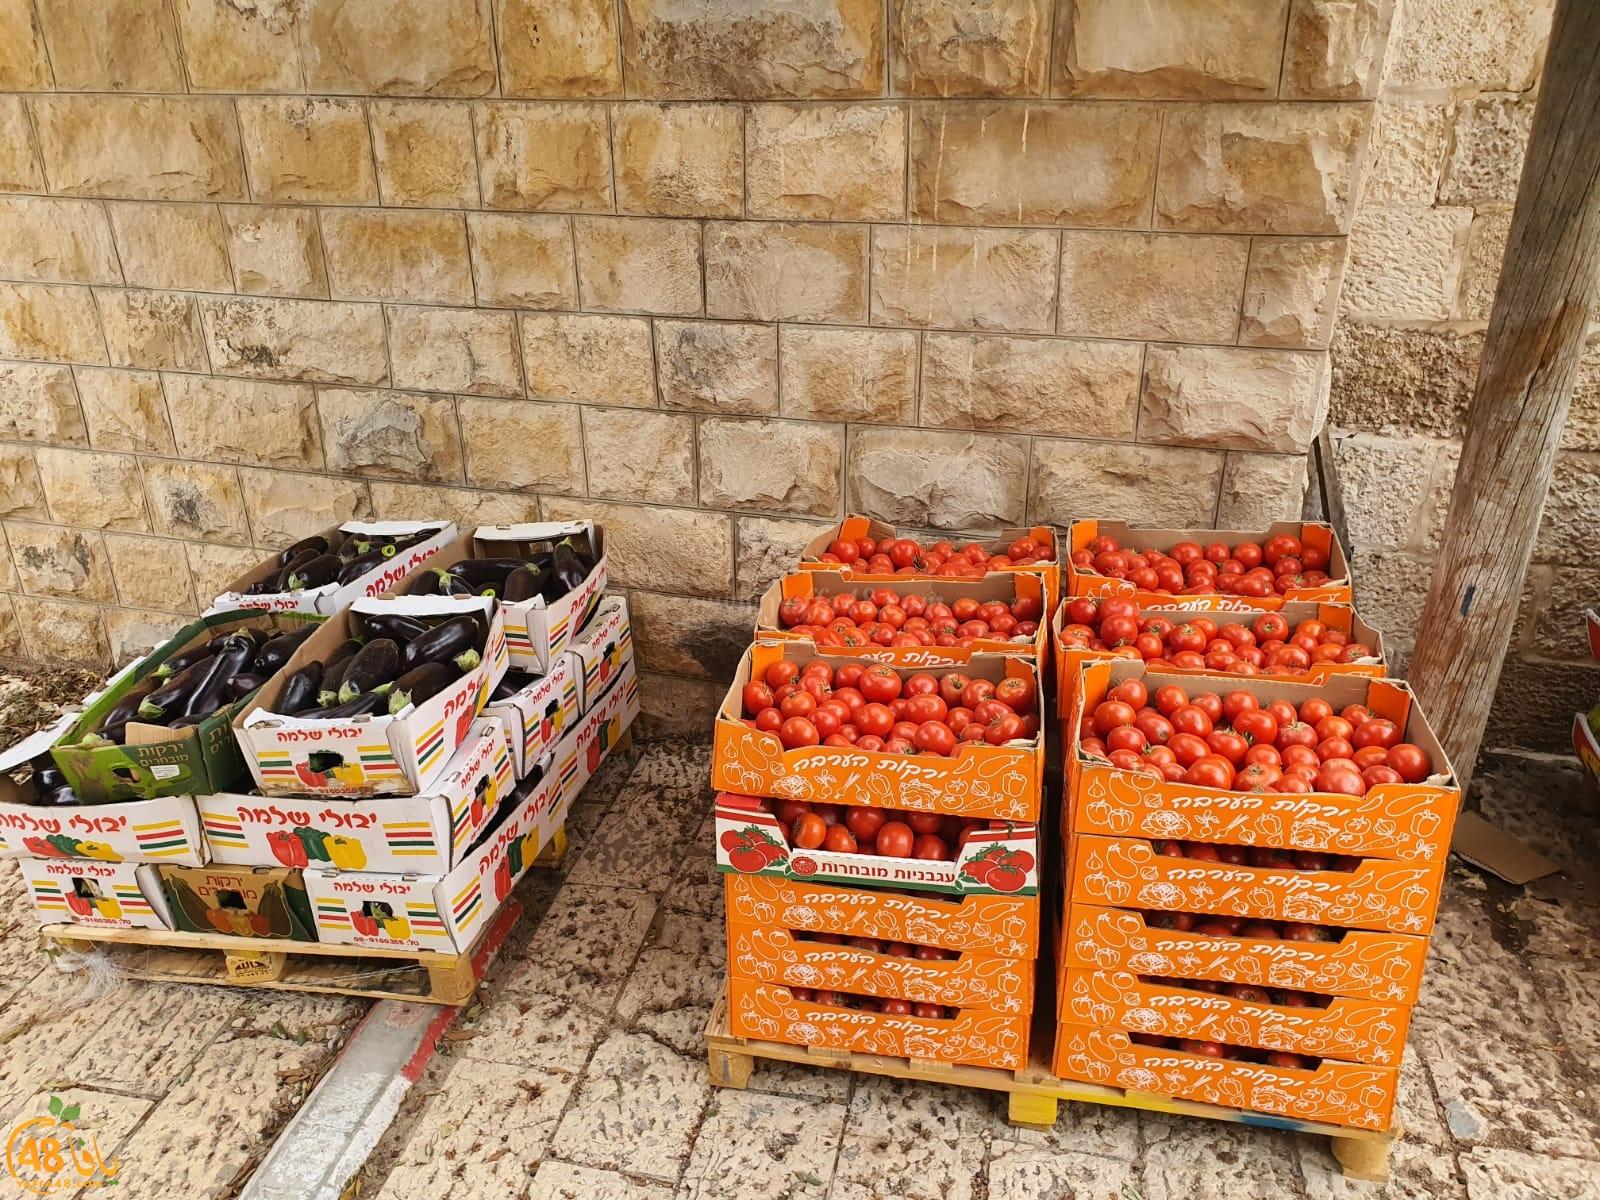 لجنة الزكاة في اللد تبدأ بتوزيع الطرود الغذائية على العائلات المستورة